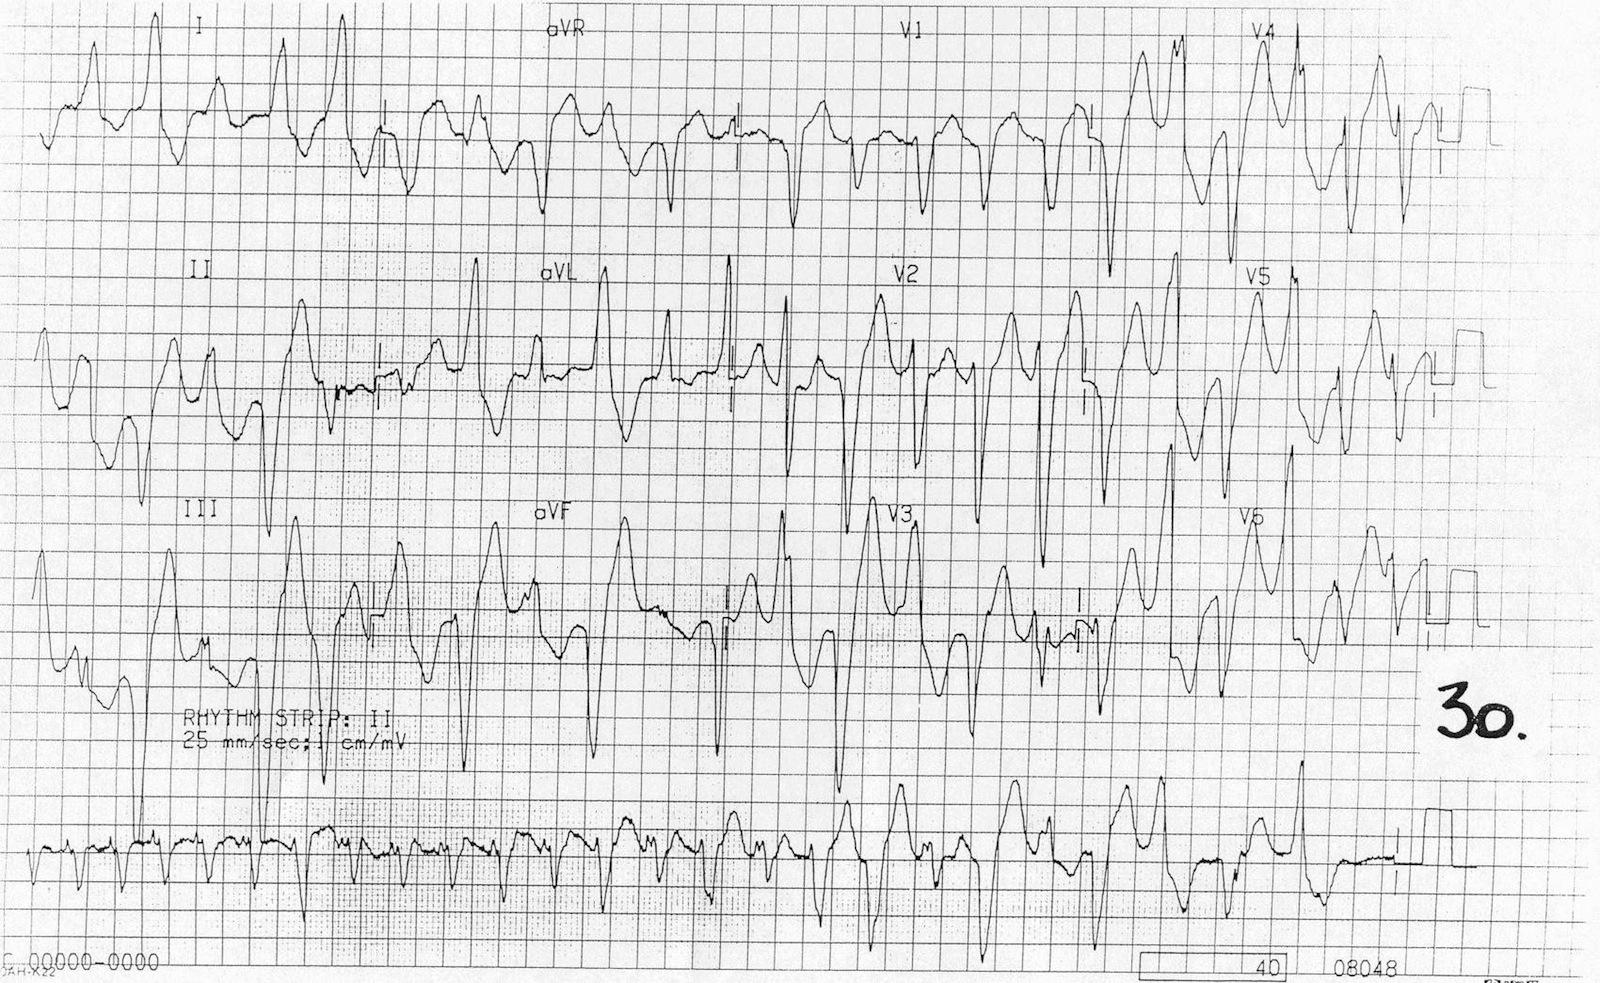 Digoksin zehirlenmesine ikincil olarak multifokal ektopi ve çift yönlü ventriküler taşikardi. Kaynak : lifeinthefastlane.com - ECG library